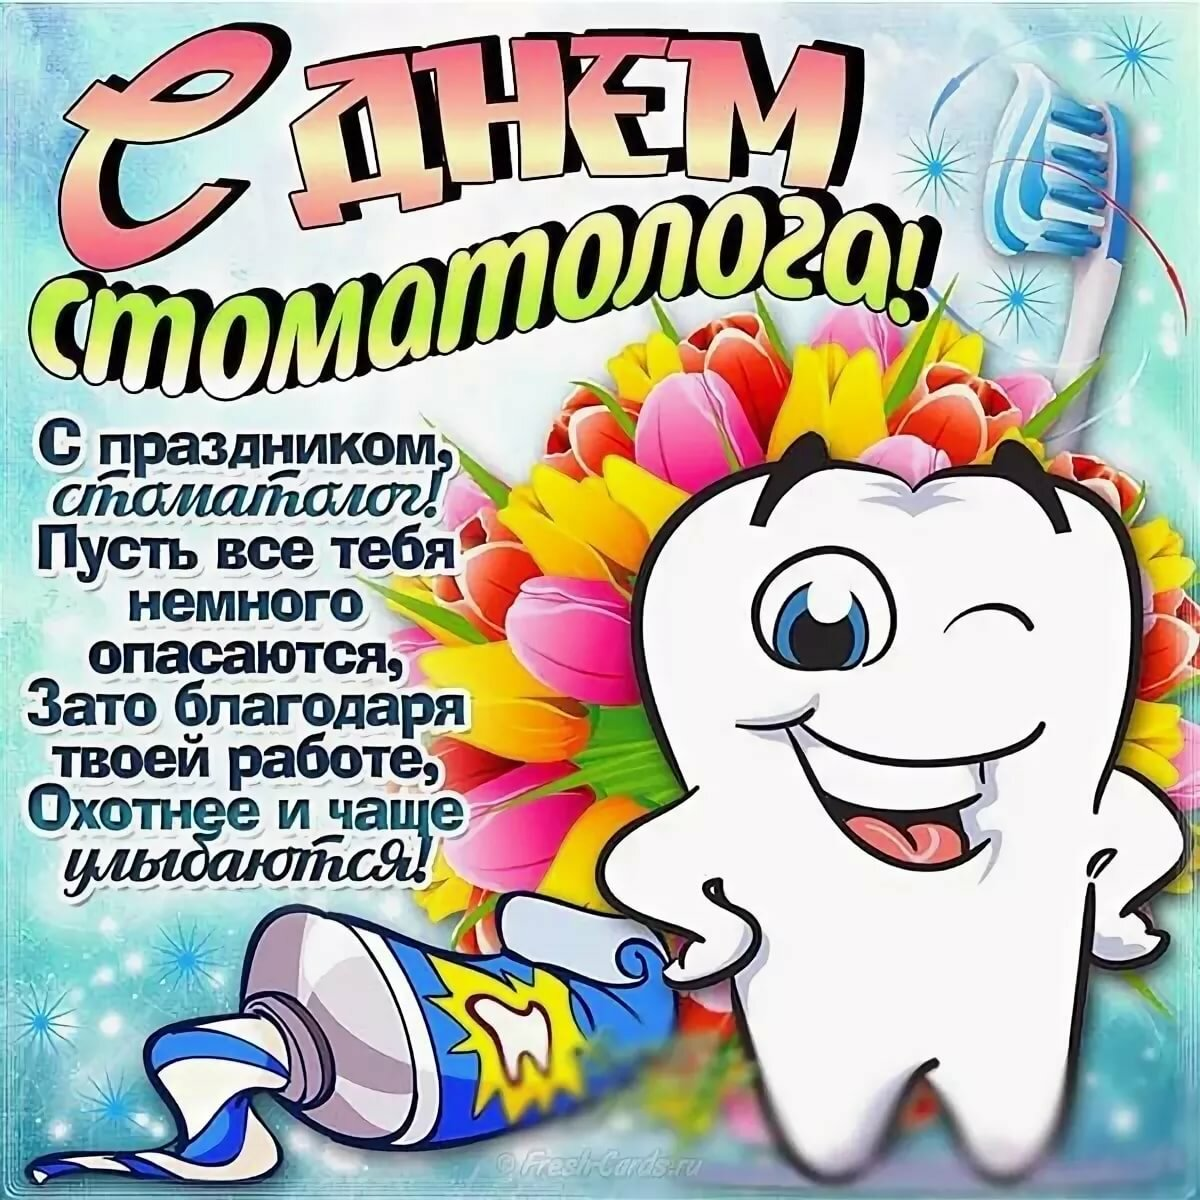 Поздравления к дню стоматолога картинки, поздравлением елена днем